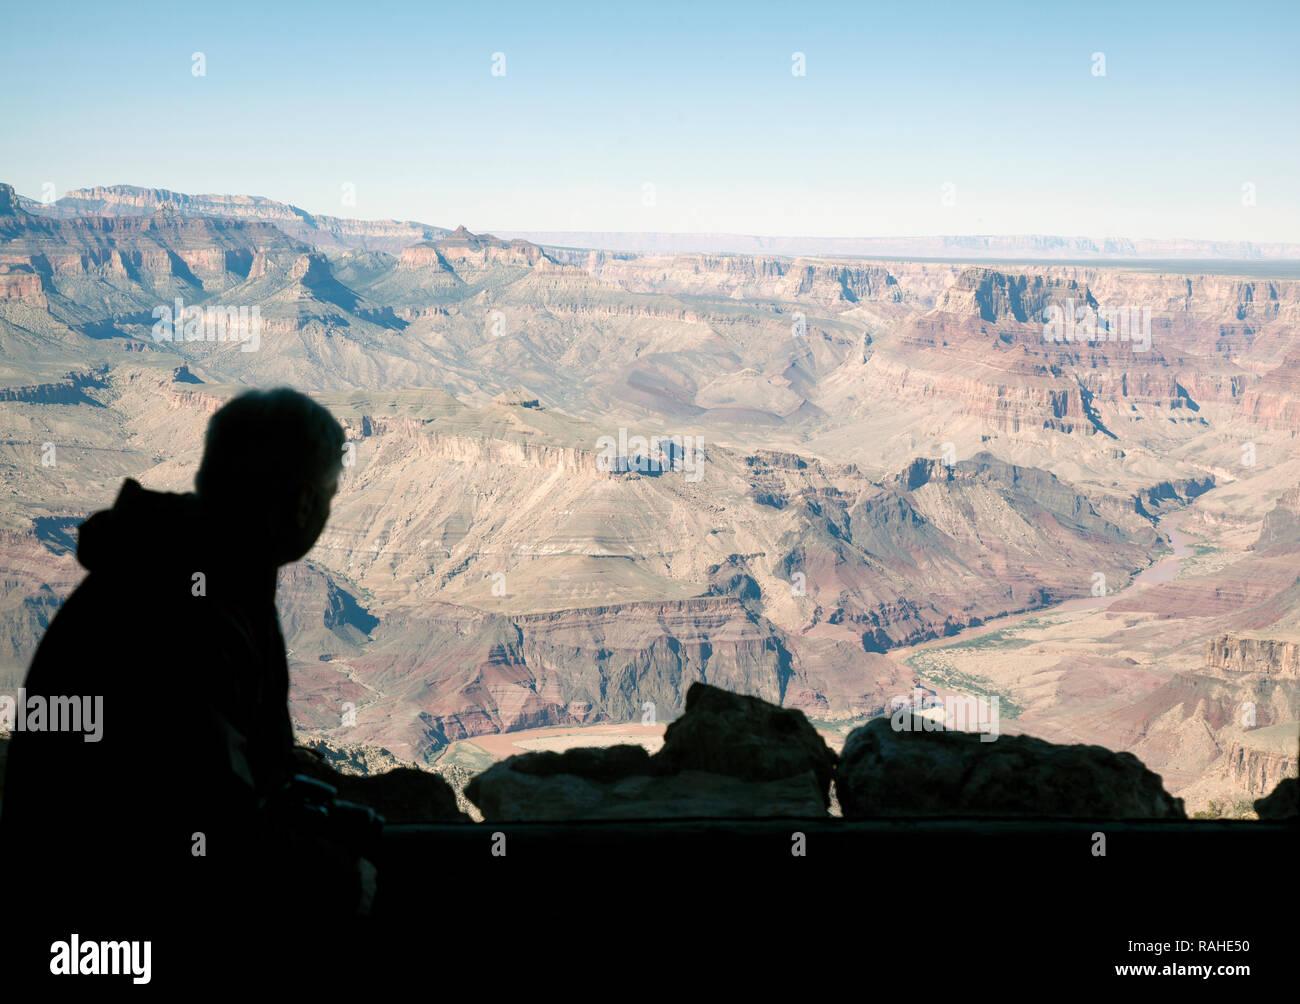 Silhouette di uomo che guarda al Grand Canyon dalla torre di avvistamento al Desert View lookout Immagini Stock